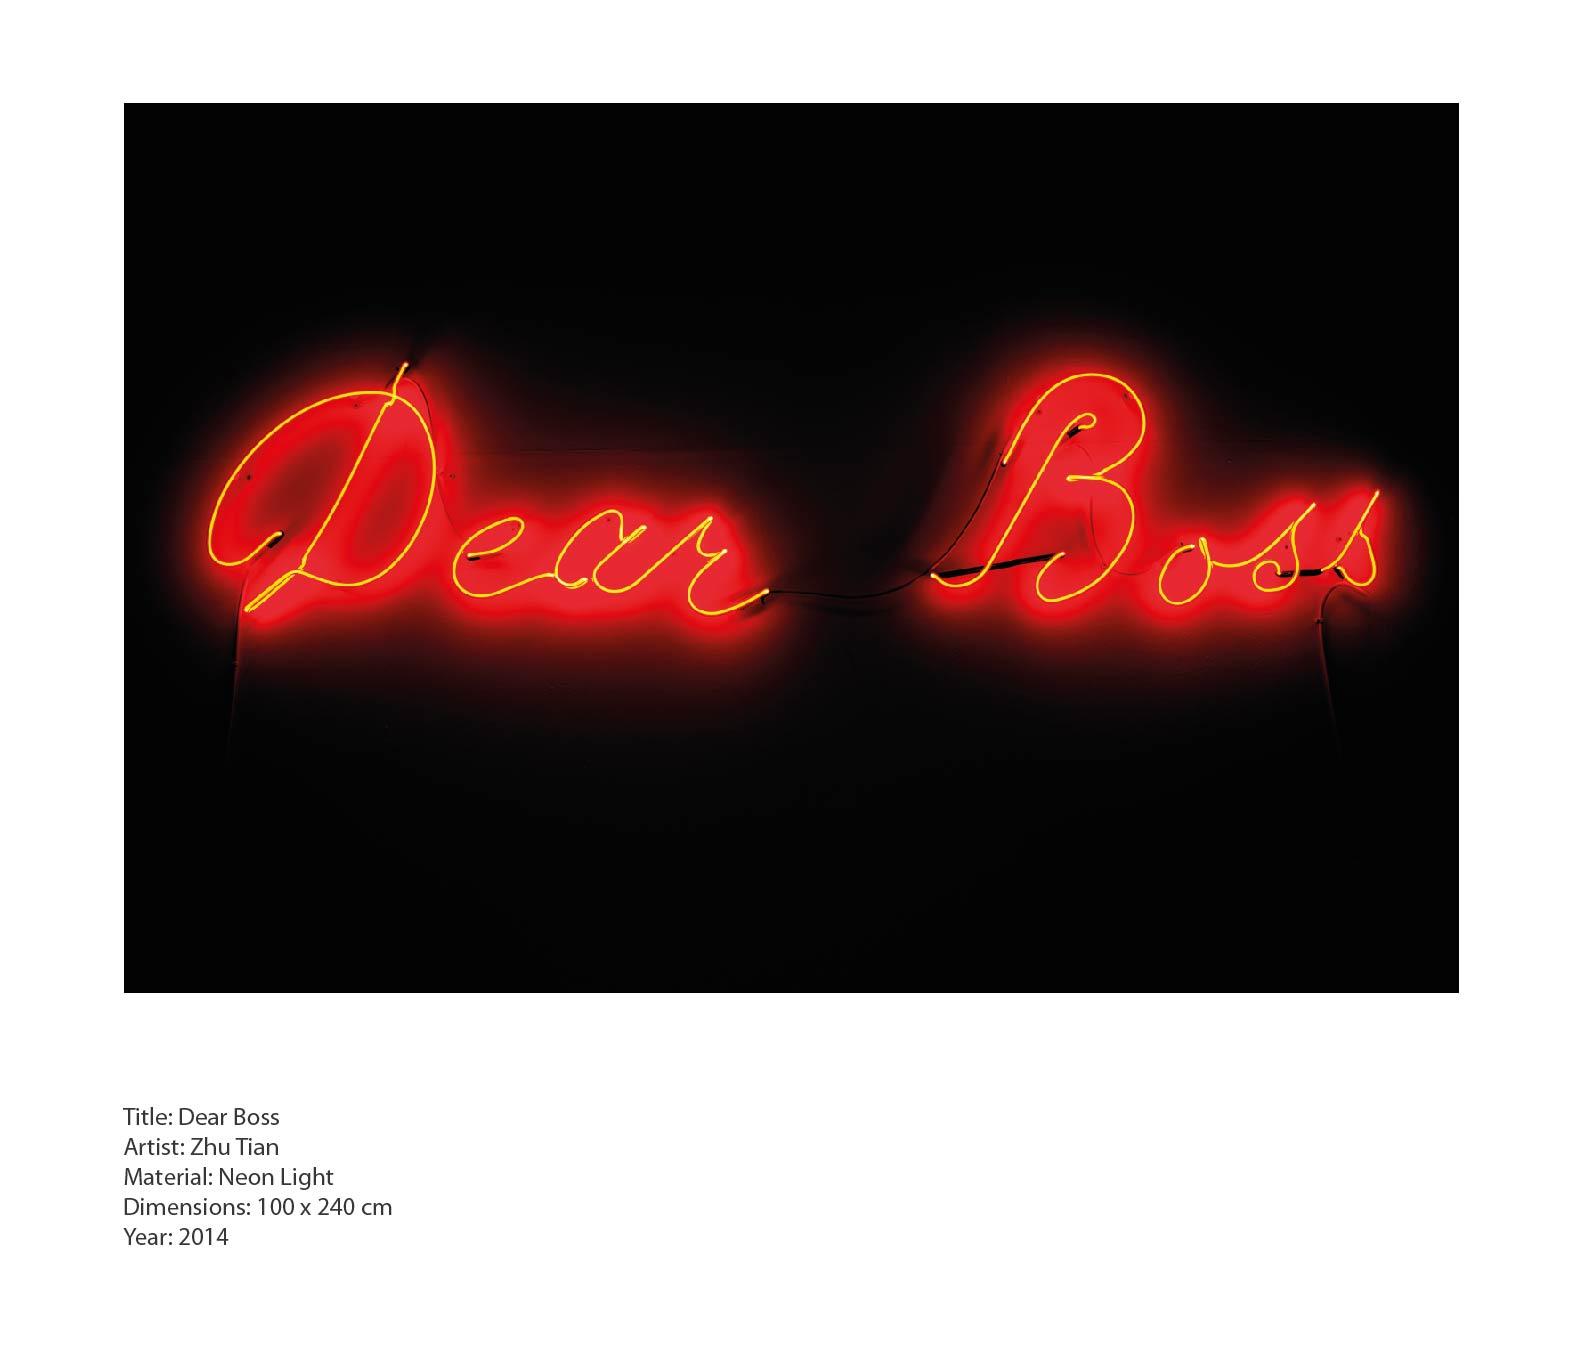 Dear-Boss-01